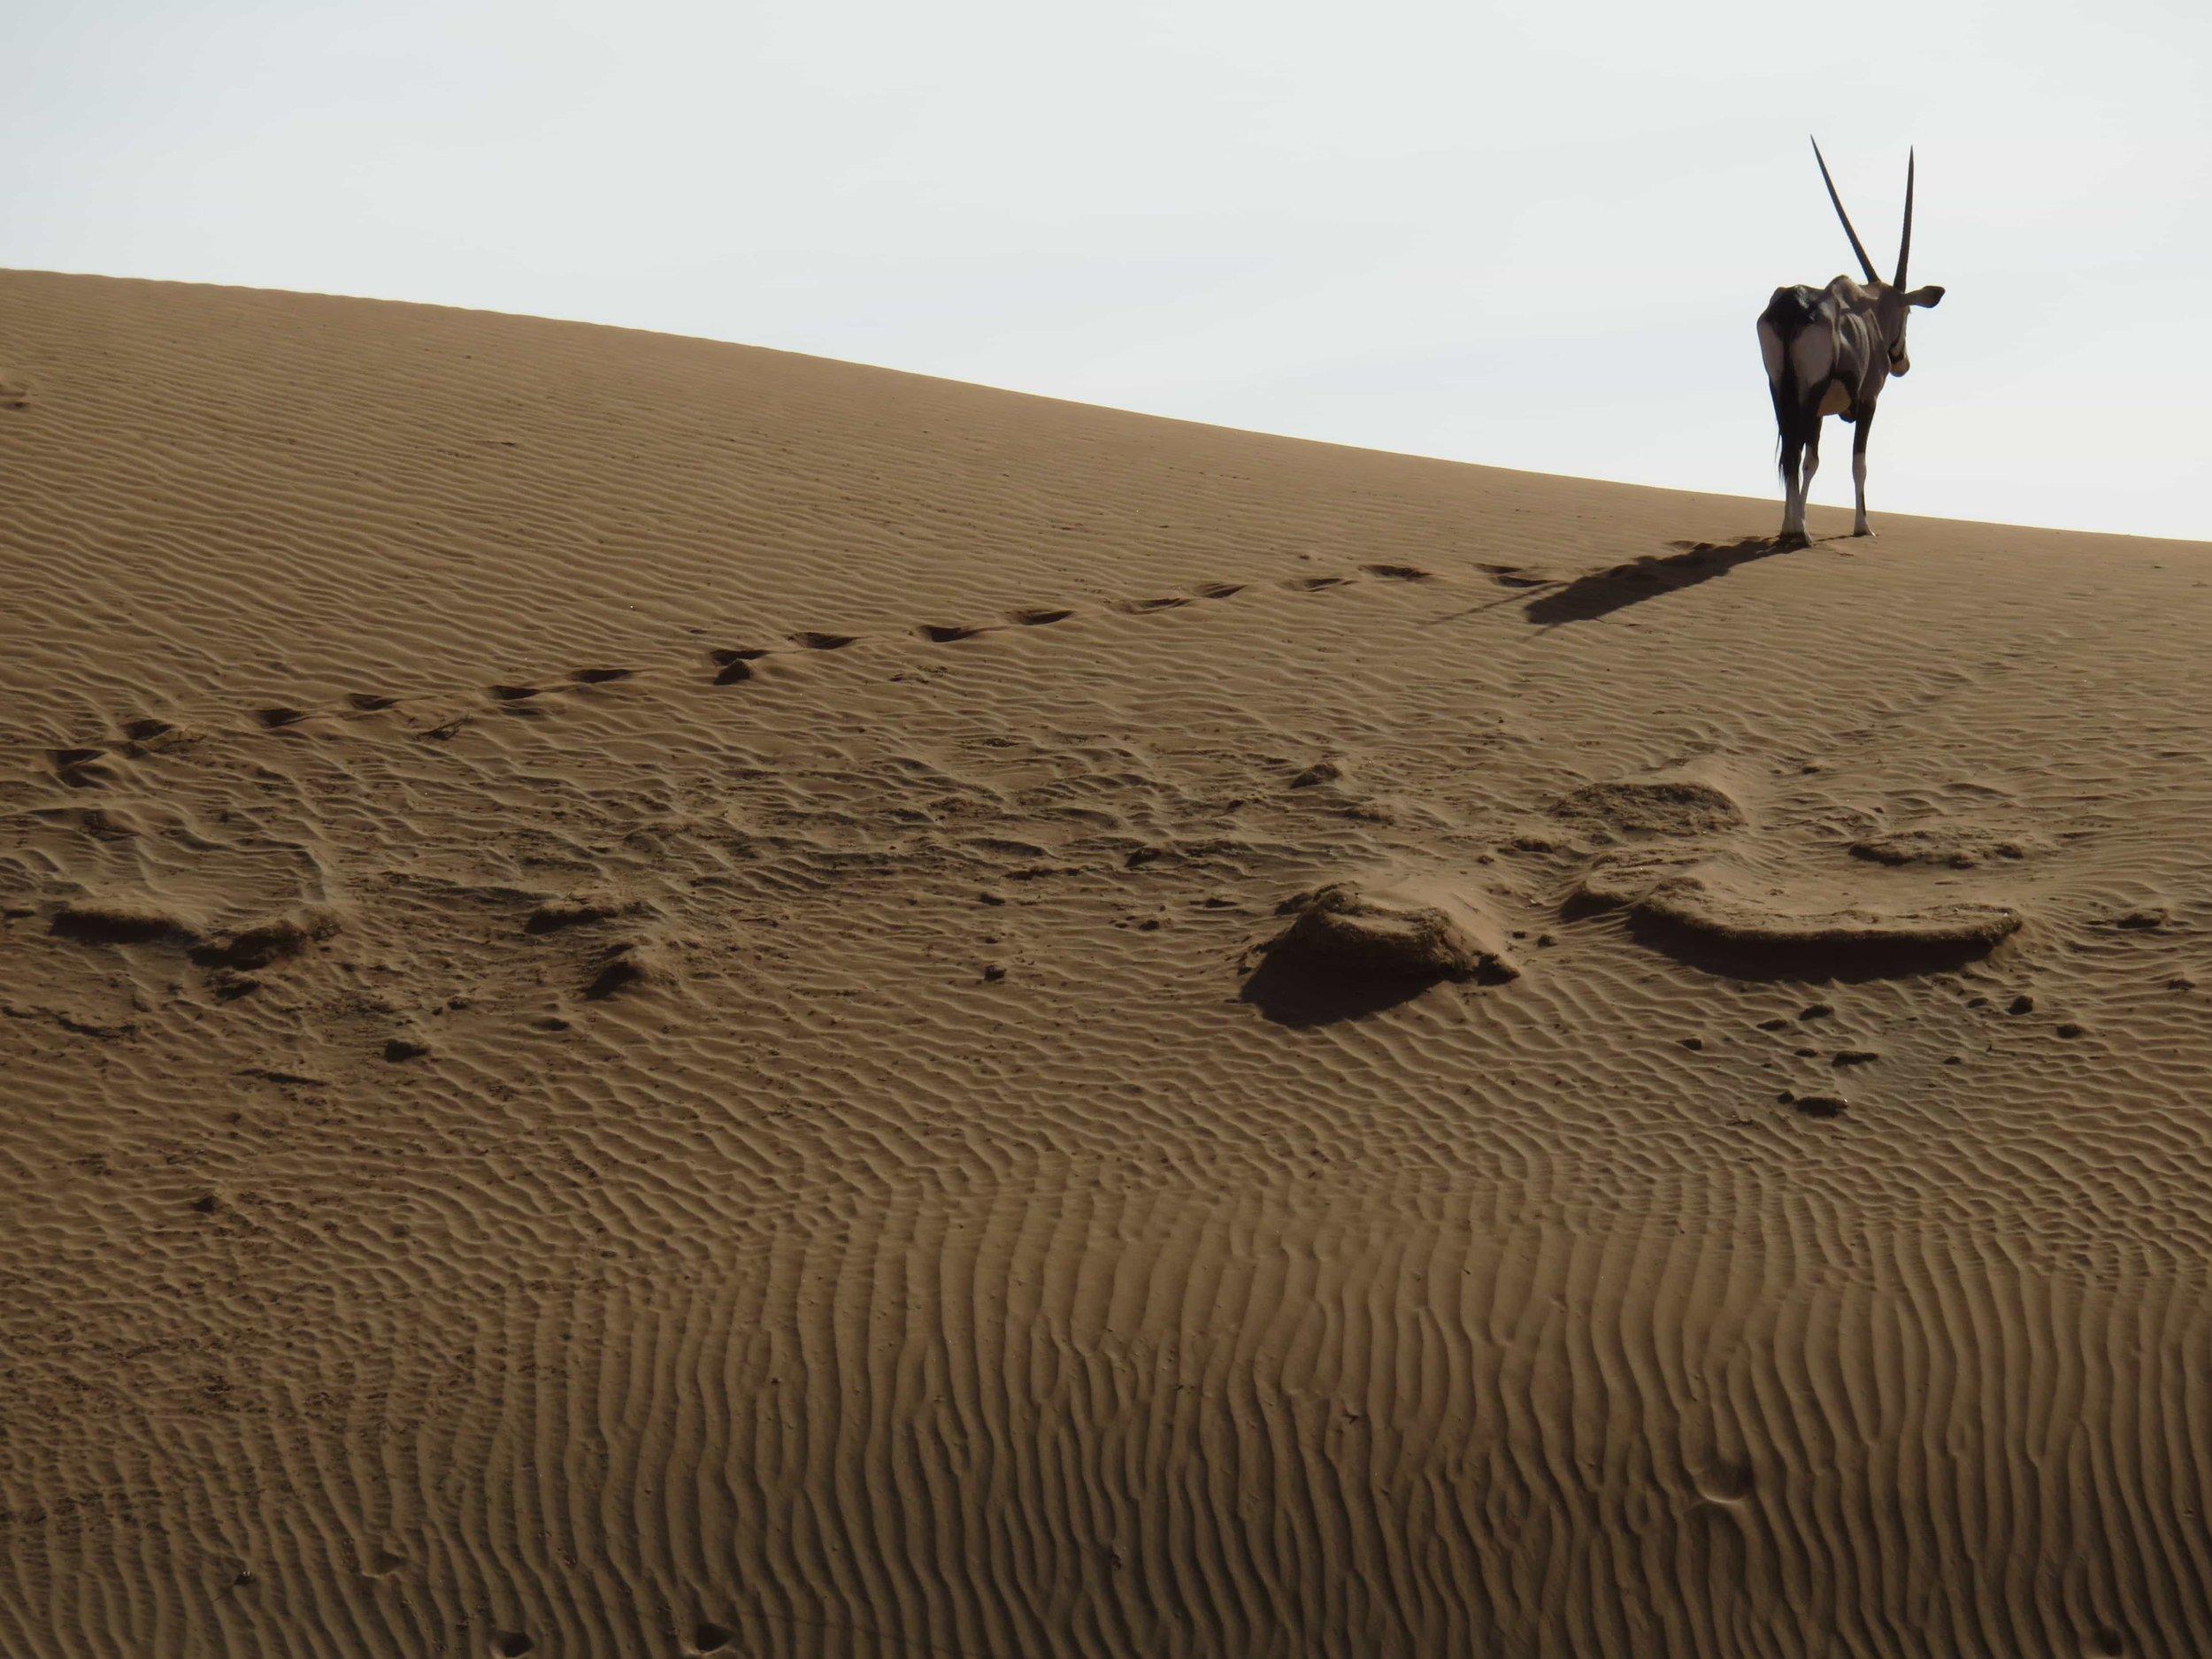 desert-3426349-min.jpg